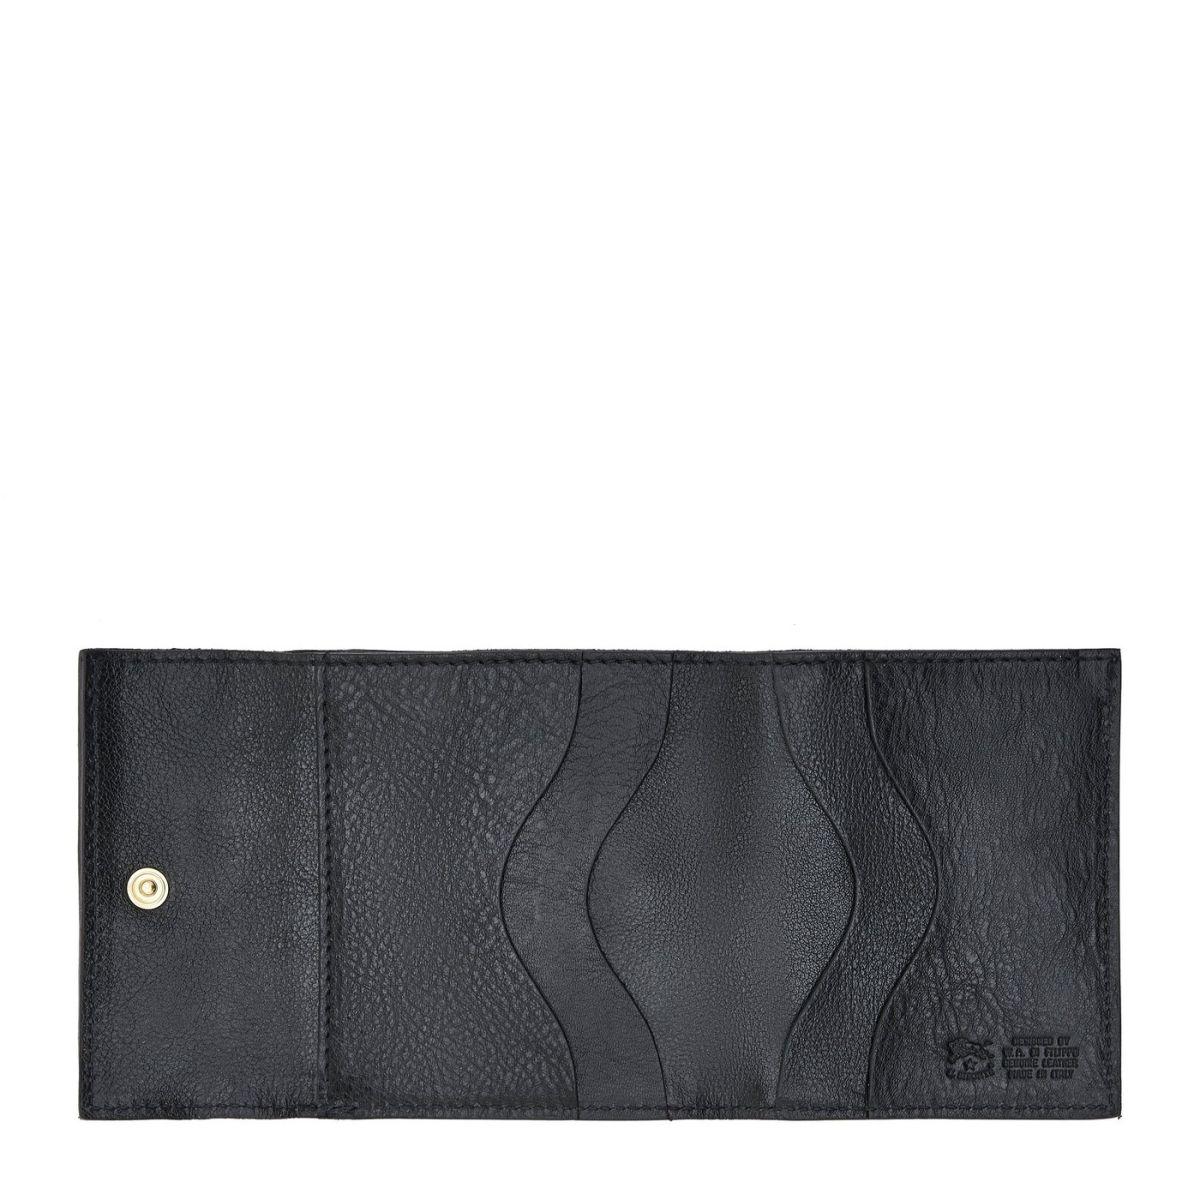 Portefeuille  en Cuir De Vachette Doublé SMW022 couleur Noir | Details